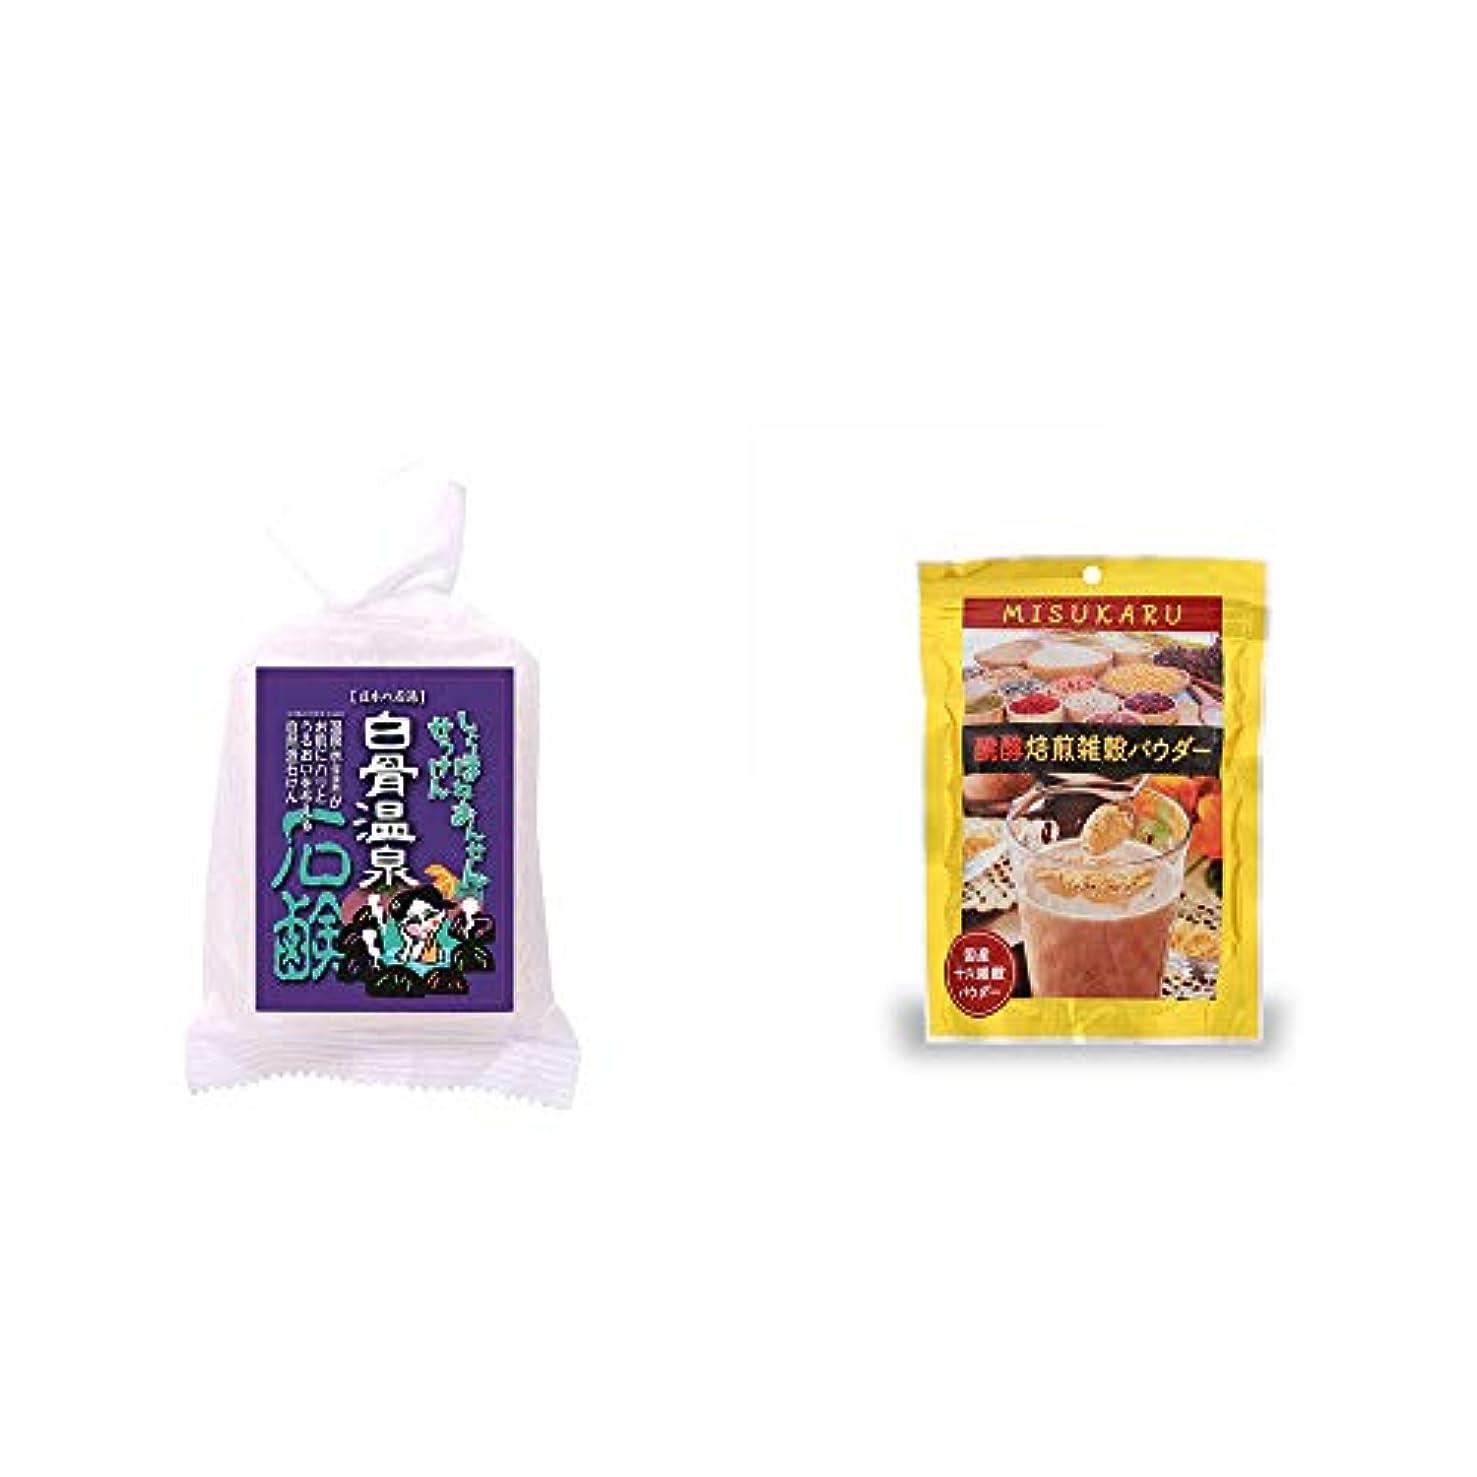 拒絶出力提唱する[2点セット] 信州 白骨温泉石鹸(80g)?醗酵焙煎雑穀パウダー MISUKARU(ミスカル)(200g)